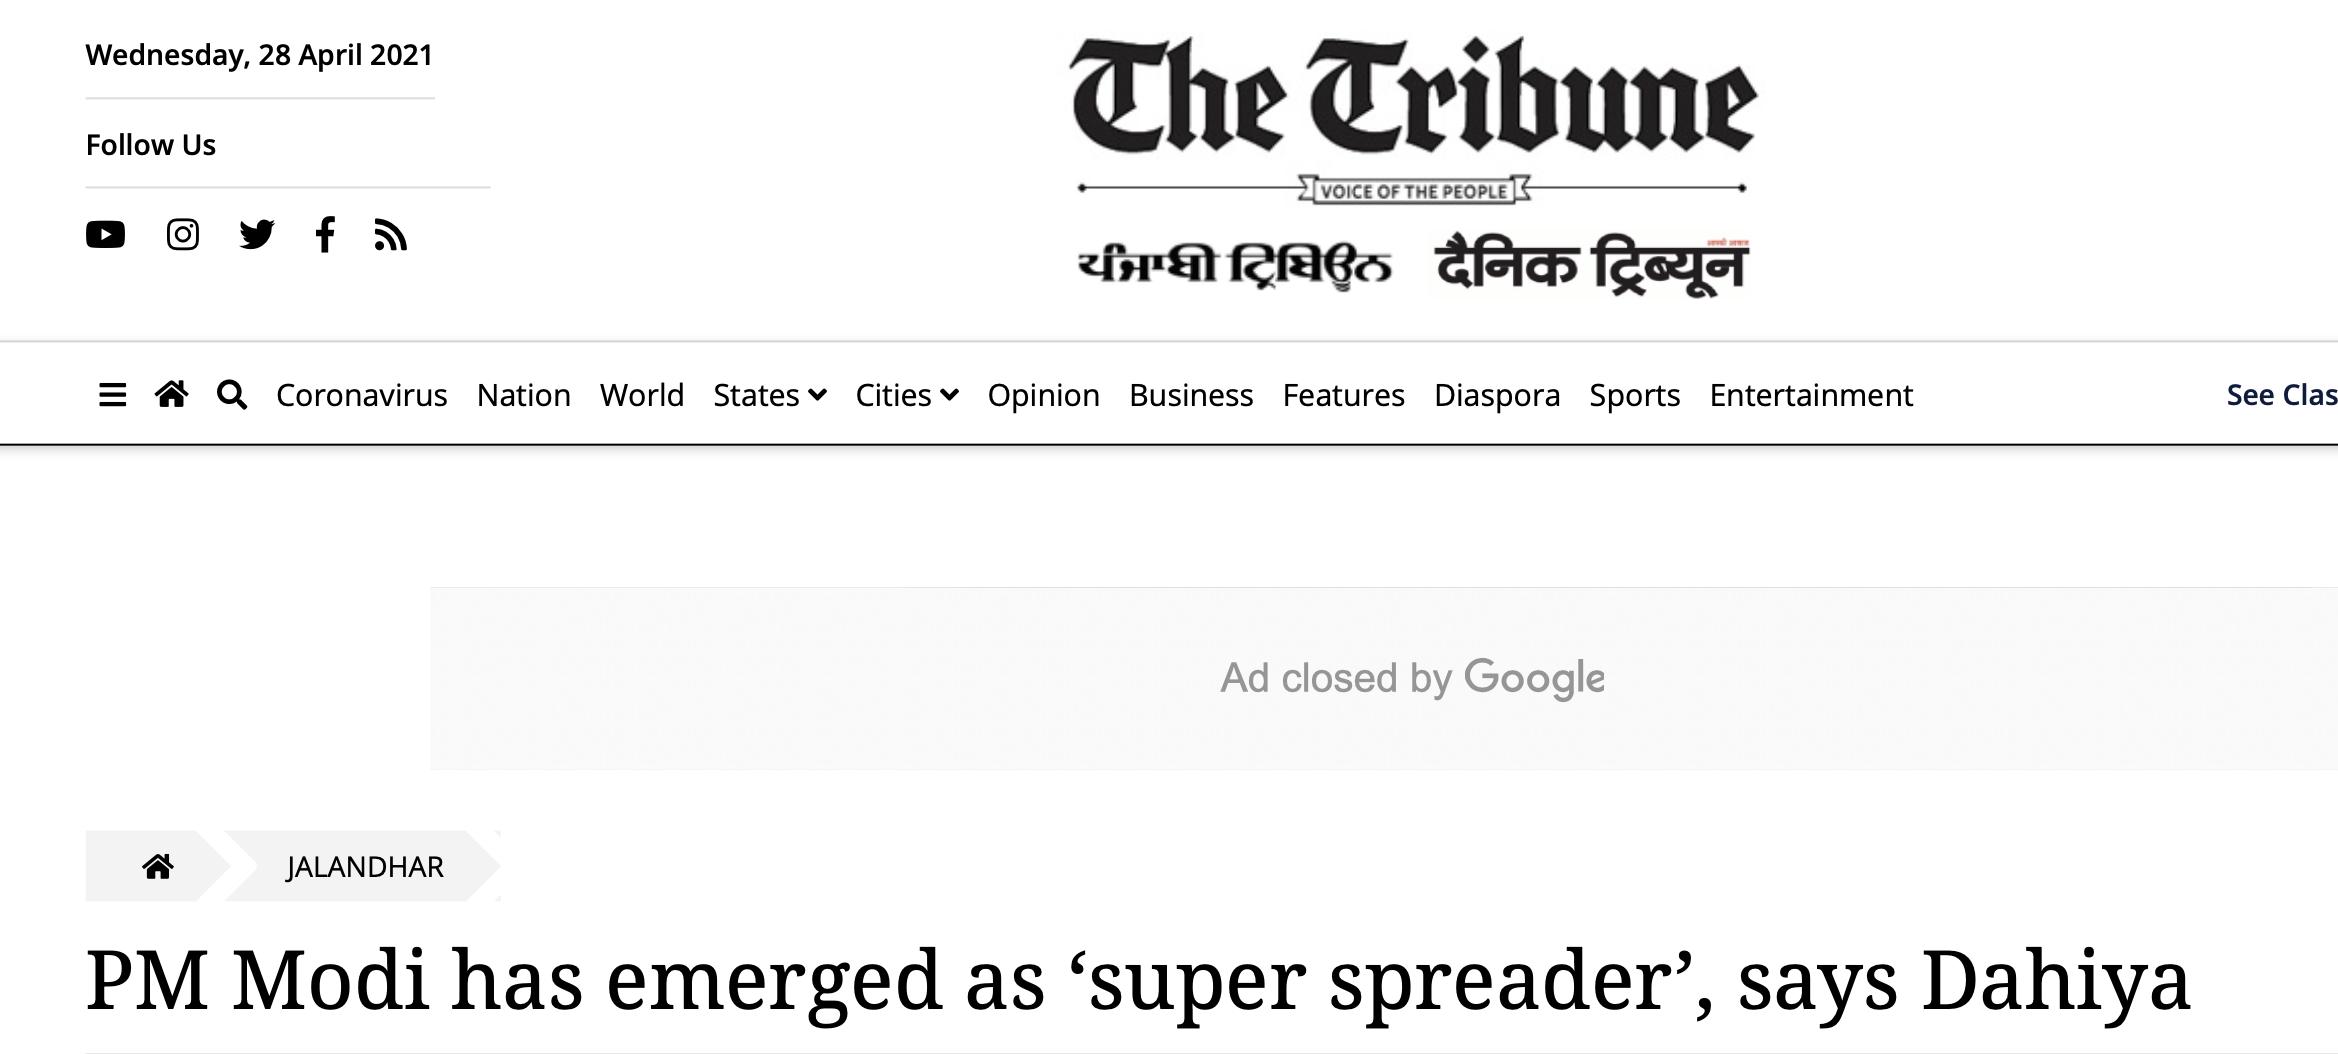 《印度论坛报》报道截图